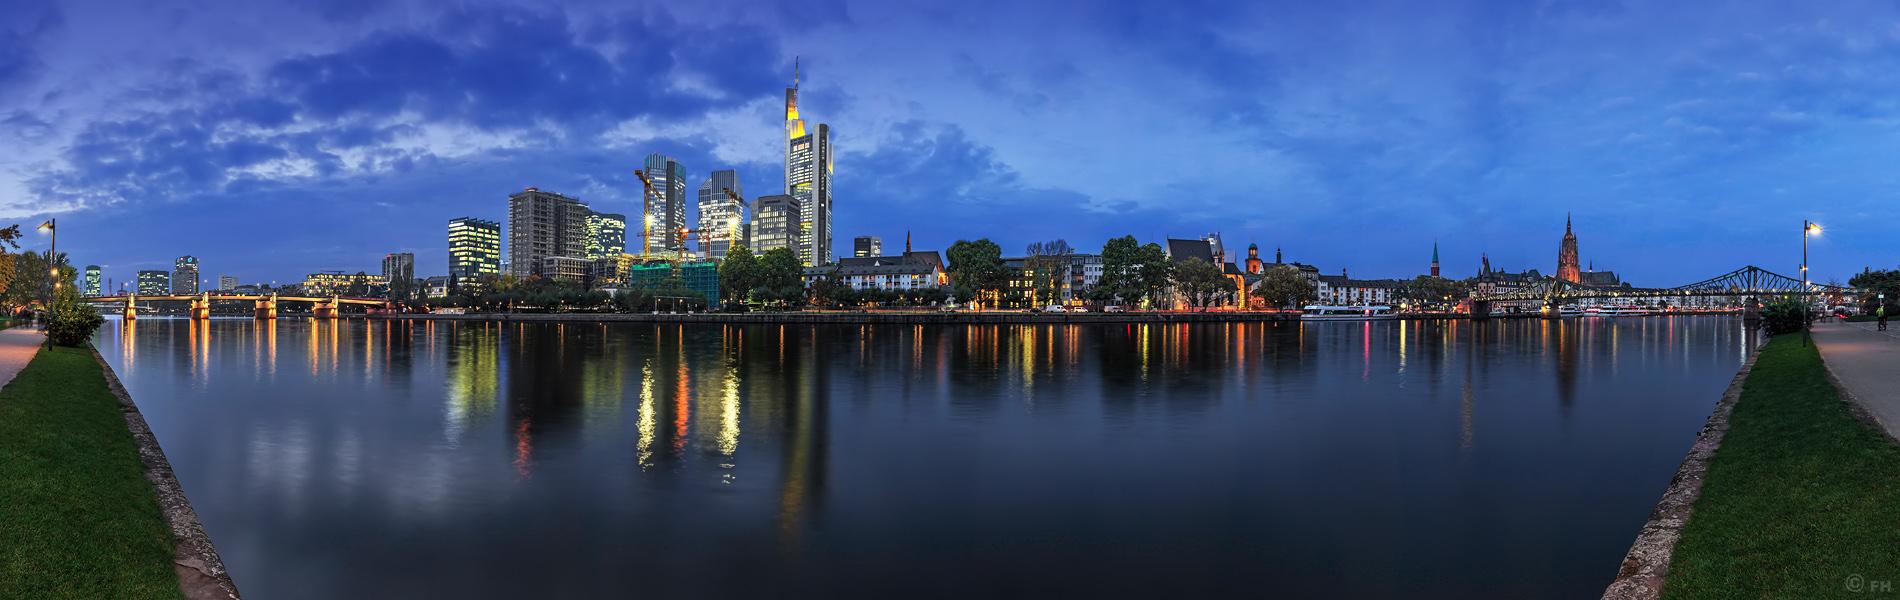 Frankfurt_SkylinePano_2 F_K